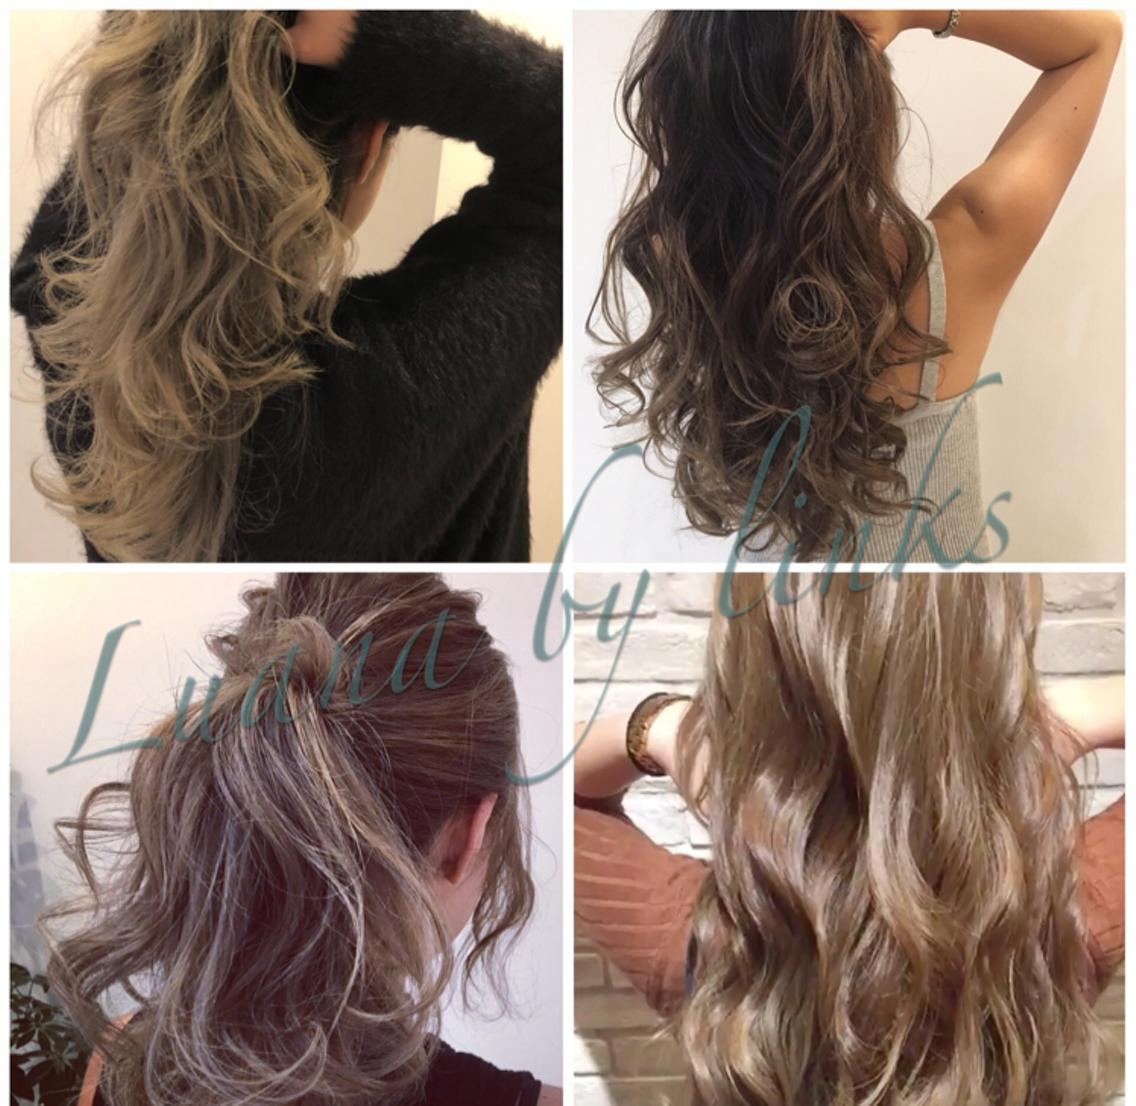 1月31日を持ちまして終了❗️❗️関西最大ブランドサロン♡サロンディレクターの女性スタイリスト担当♡髪のケアに特化したサロン❗️今なら無料で全メニューにプチヘッドスパ付き❗️